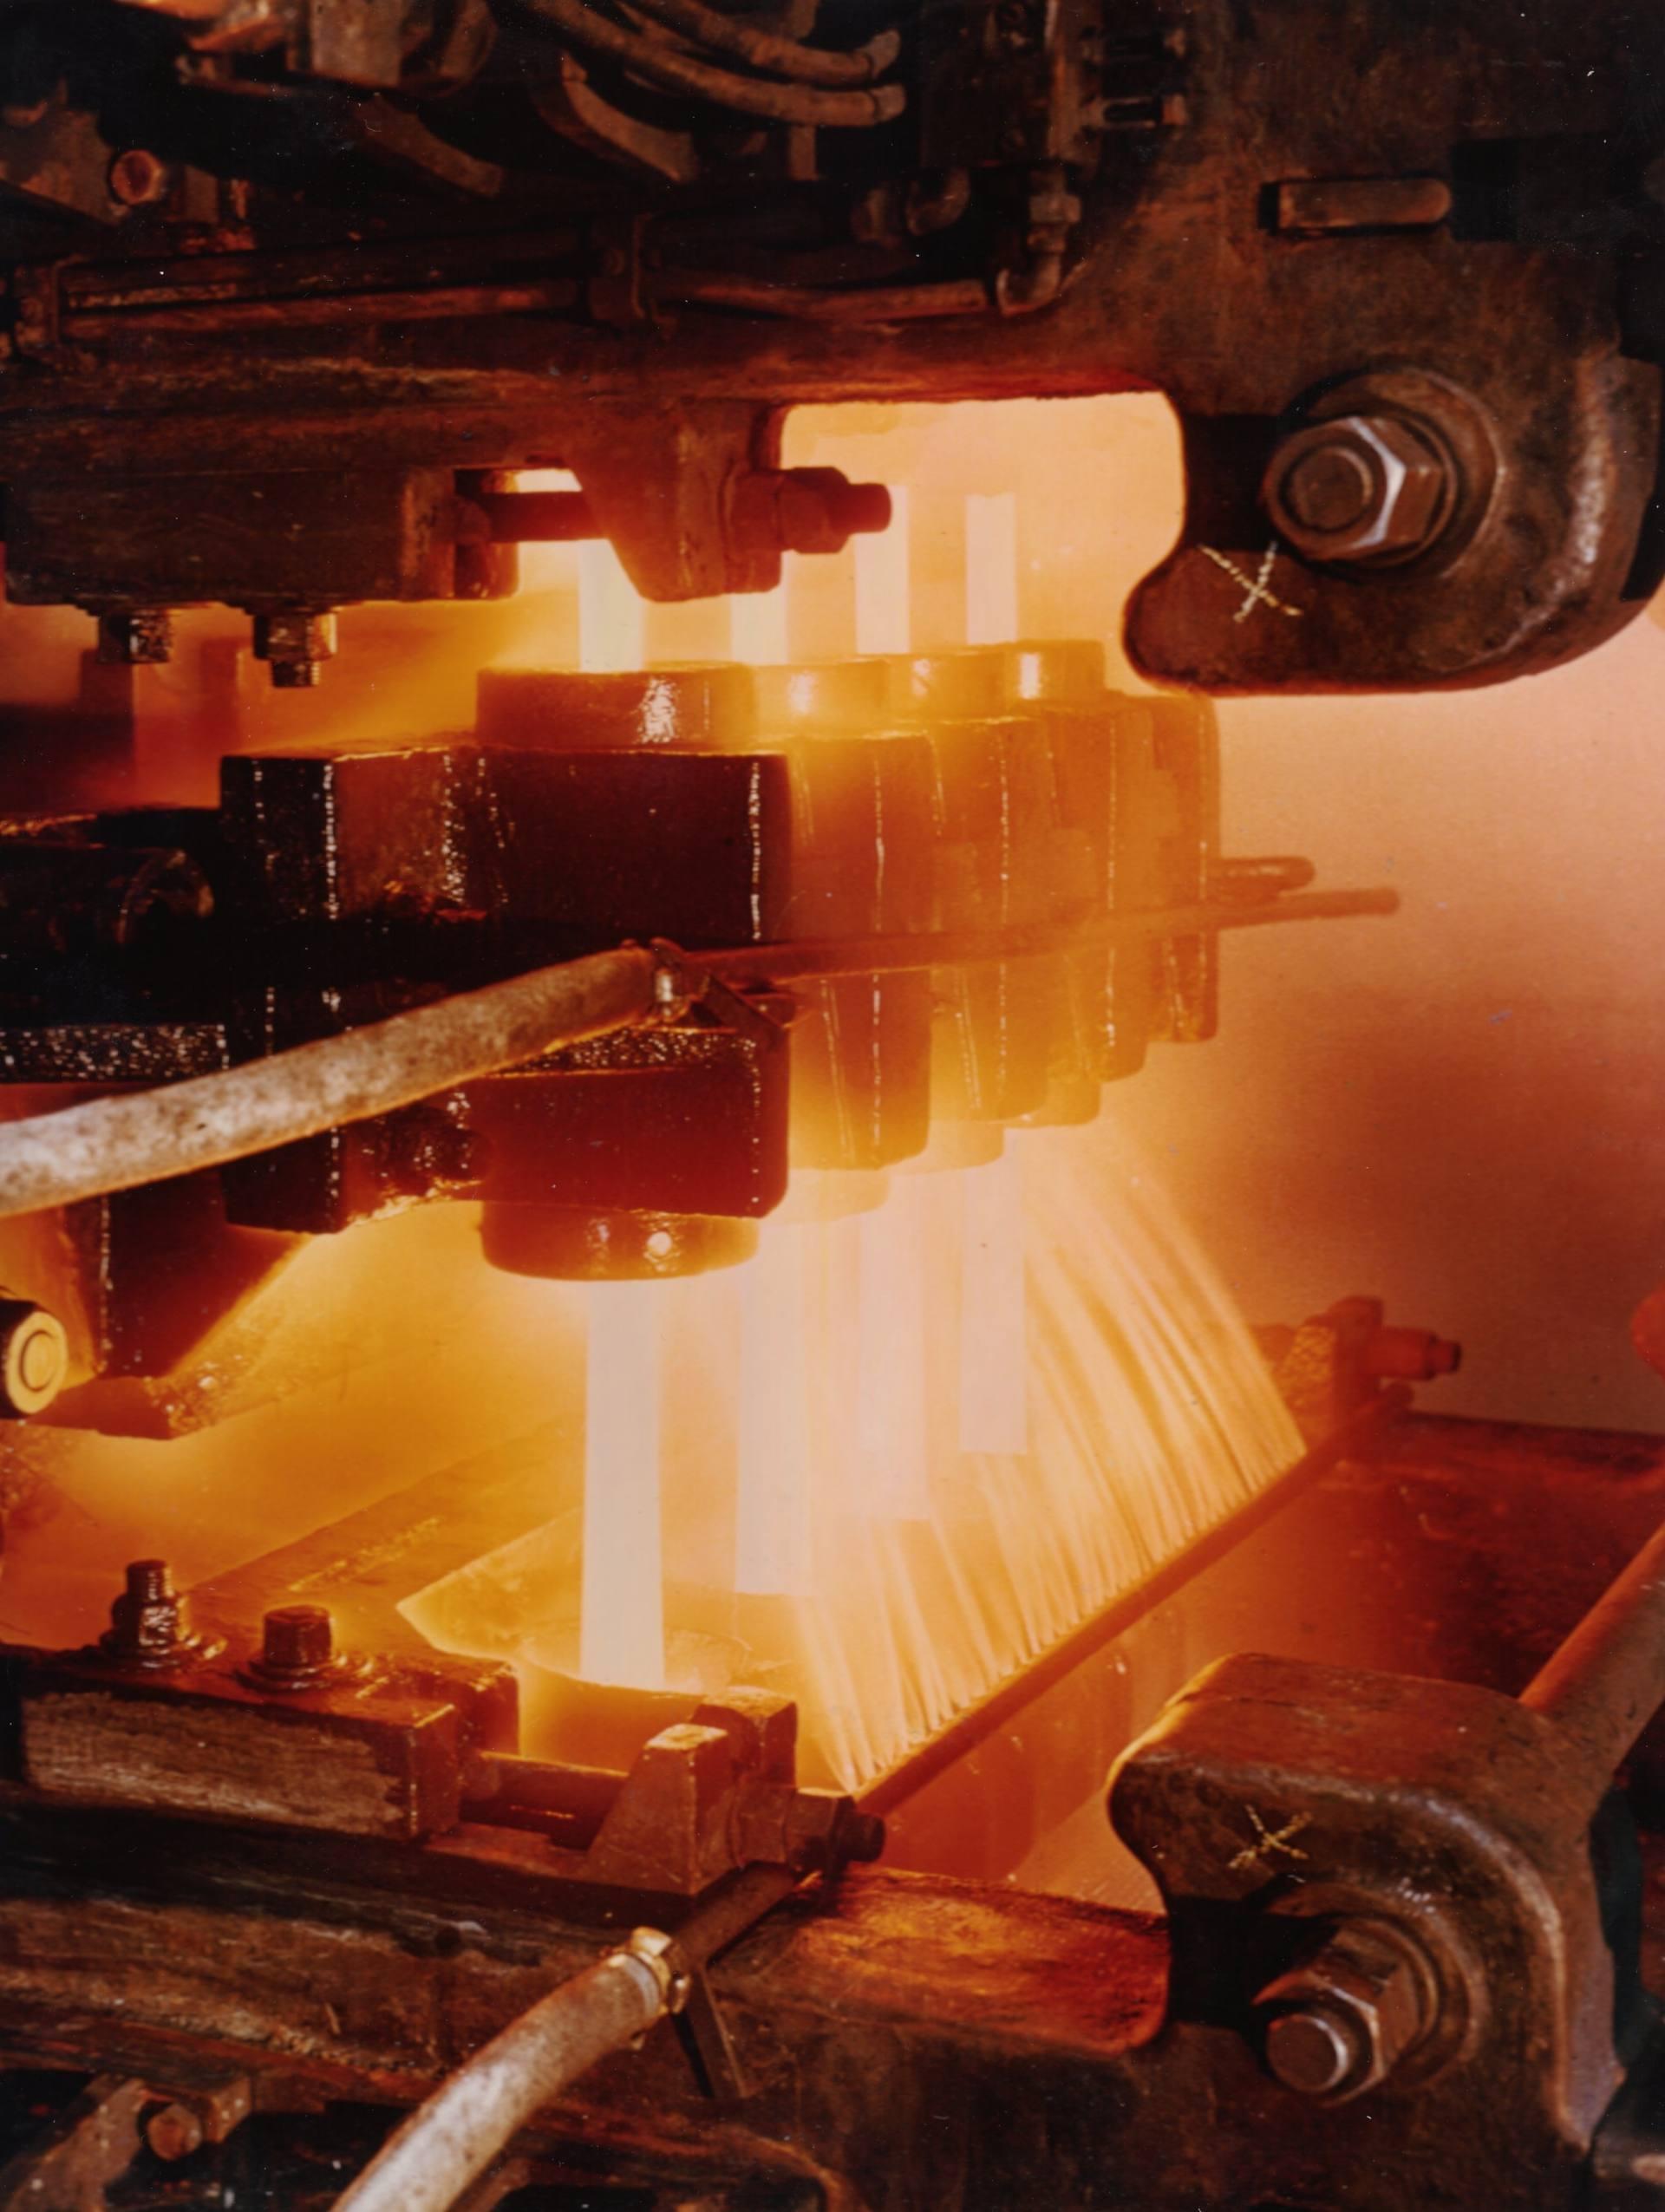 Forte augmentation dans l'industrie allemande : une aubaine pour les ouvriers allemands… et français !